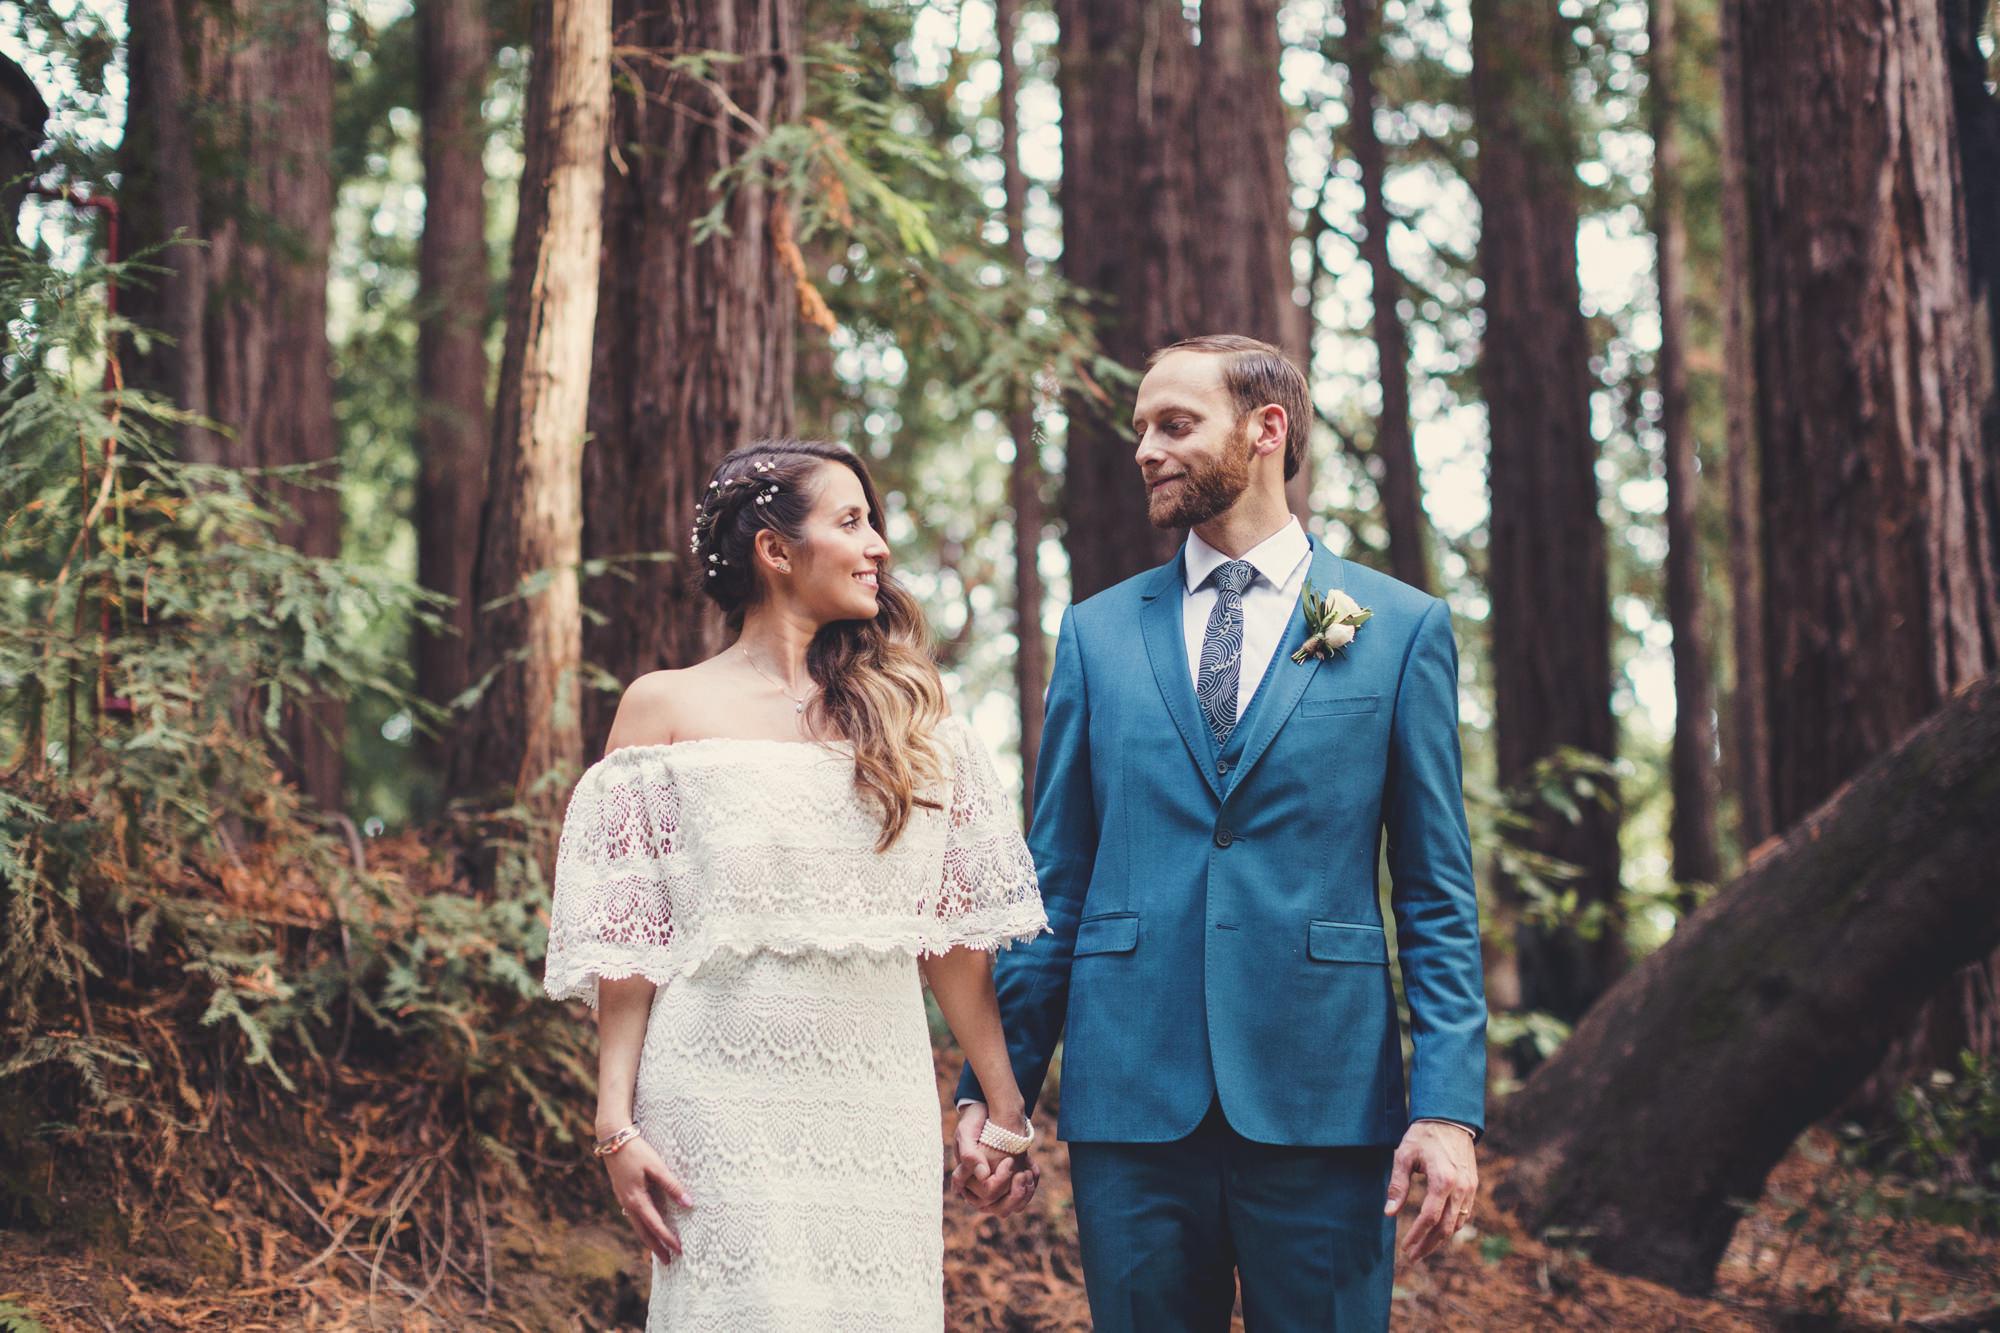 Sequoia Retreat Center Wedding@Anne-Claire Brun 129